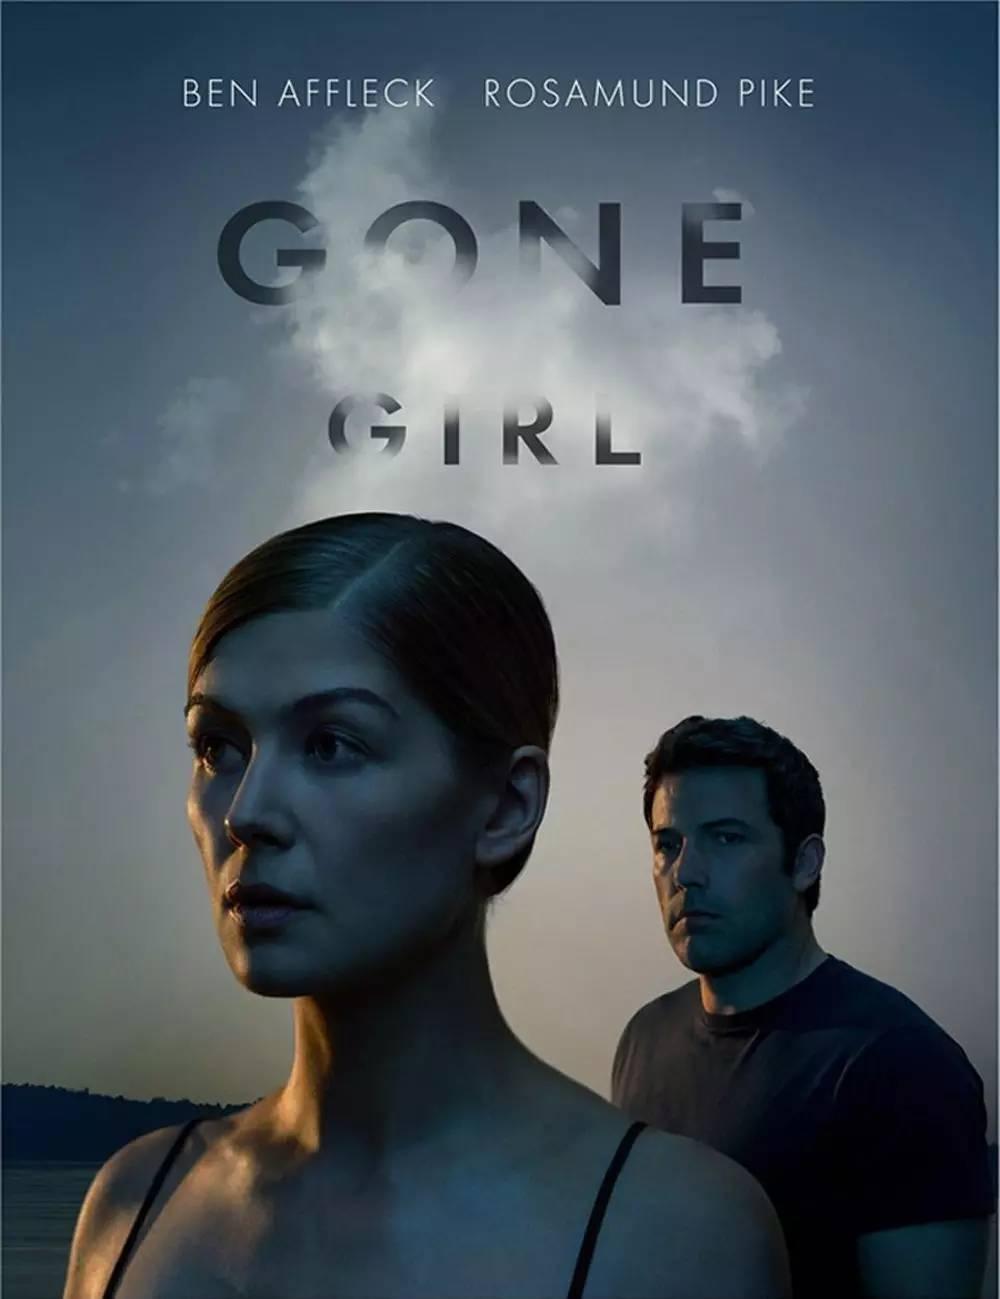 2位奥斯卡影后同台飙戏,HBO花重金制作的这部悬疑剧值得你的期待